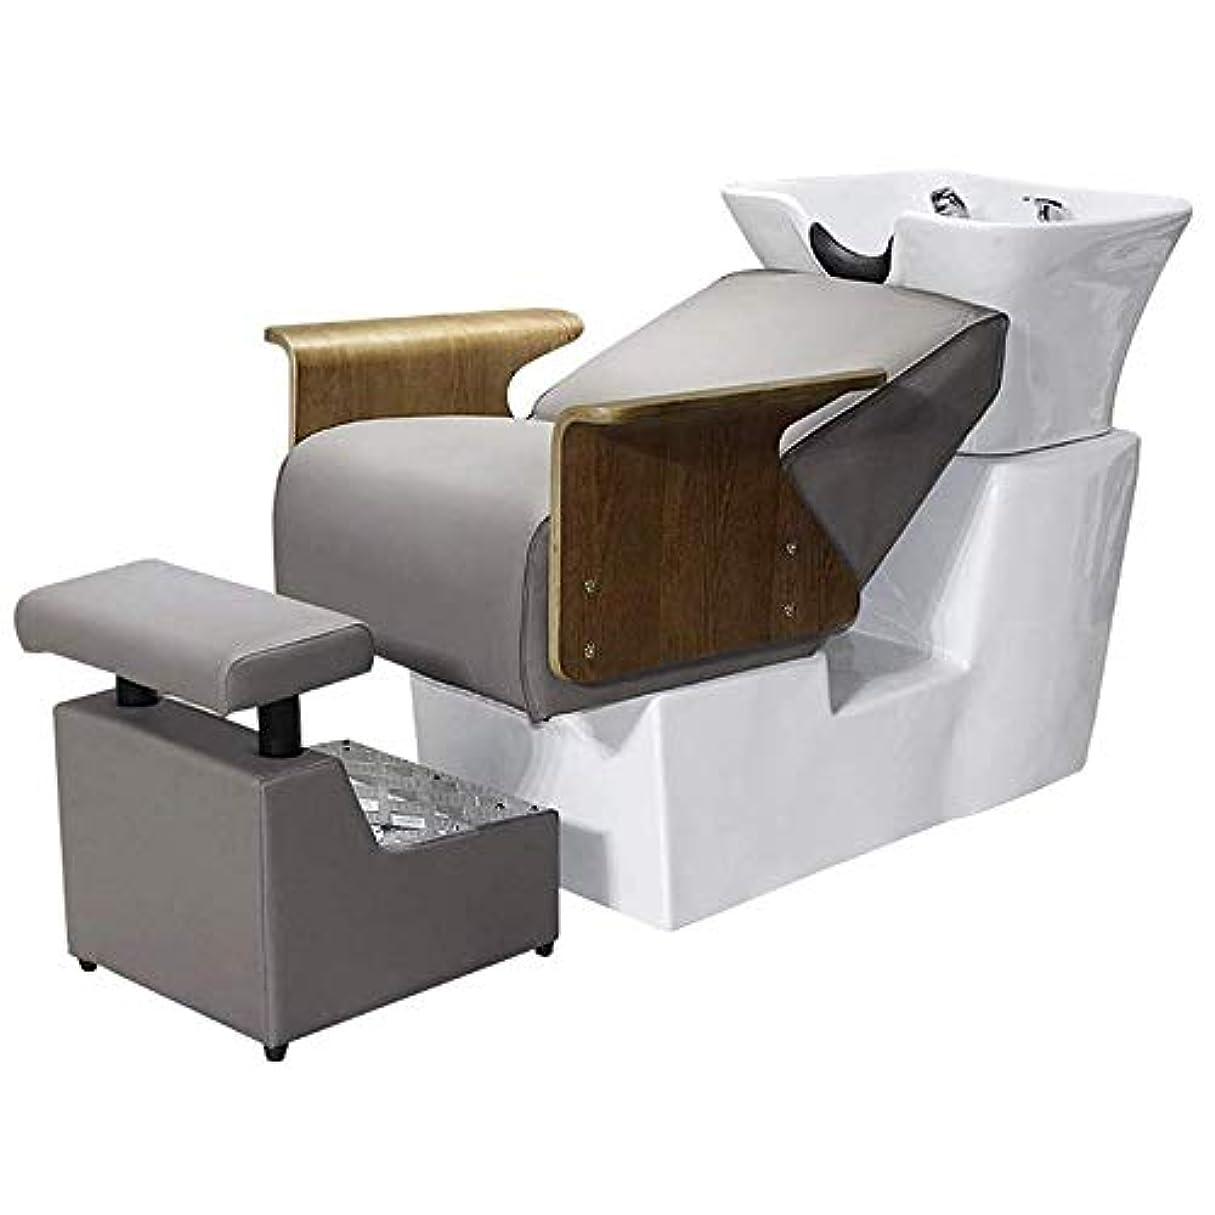 クレア合法犯罪サロン用シャンプー椅子とボウル、 セラミック洗面器シャンプーベッド逆洗ユニットシャンプーボウル理髪シンク椅子用スパビューティーサロン機器